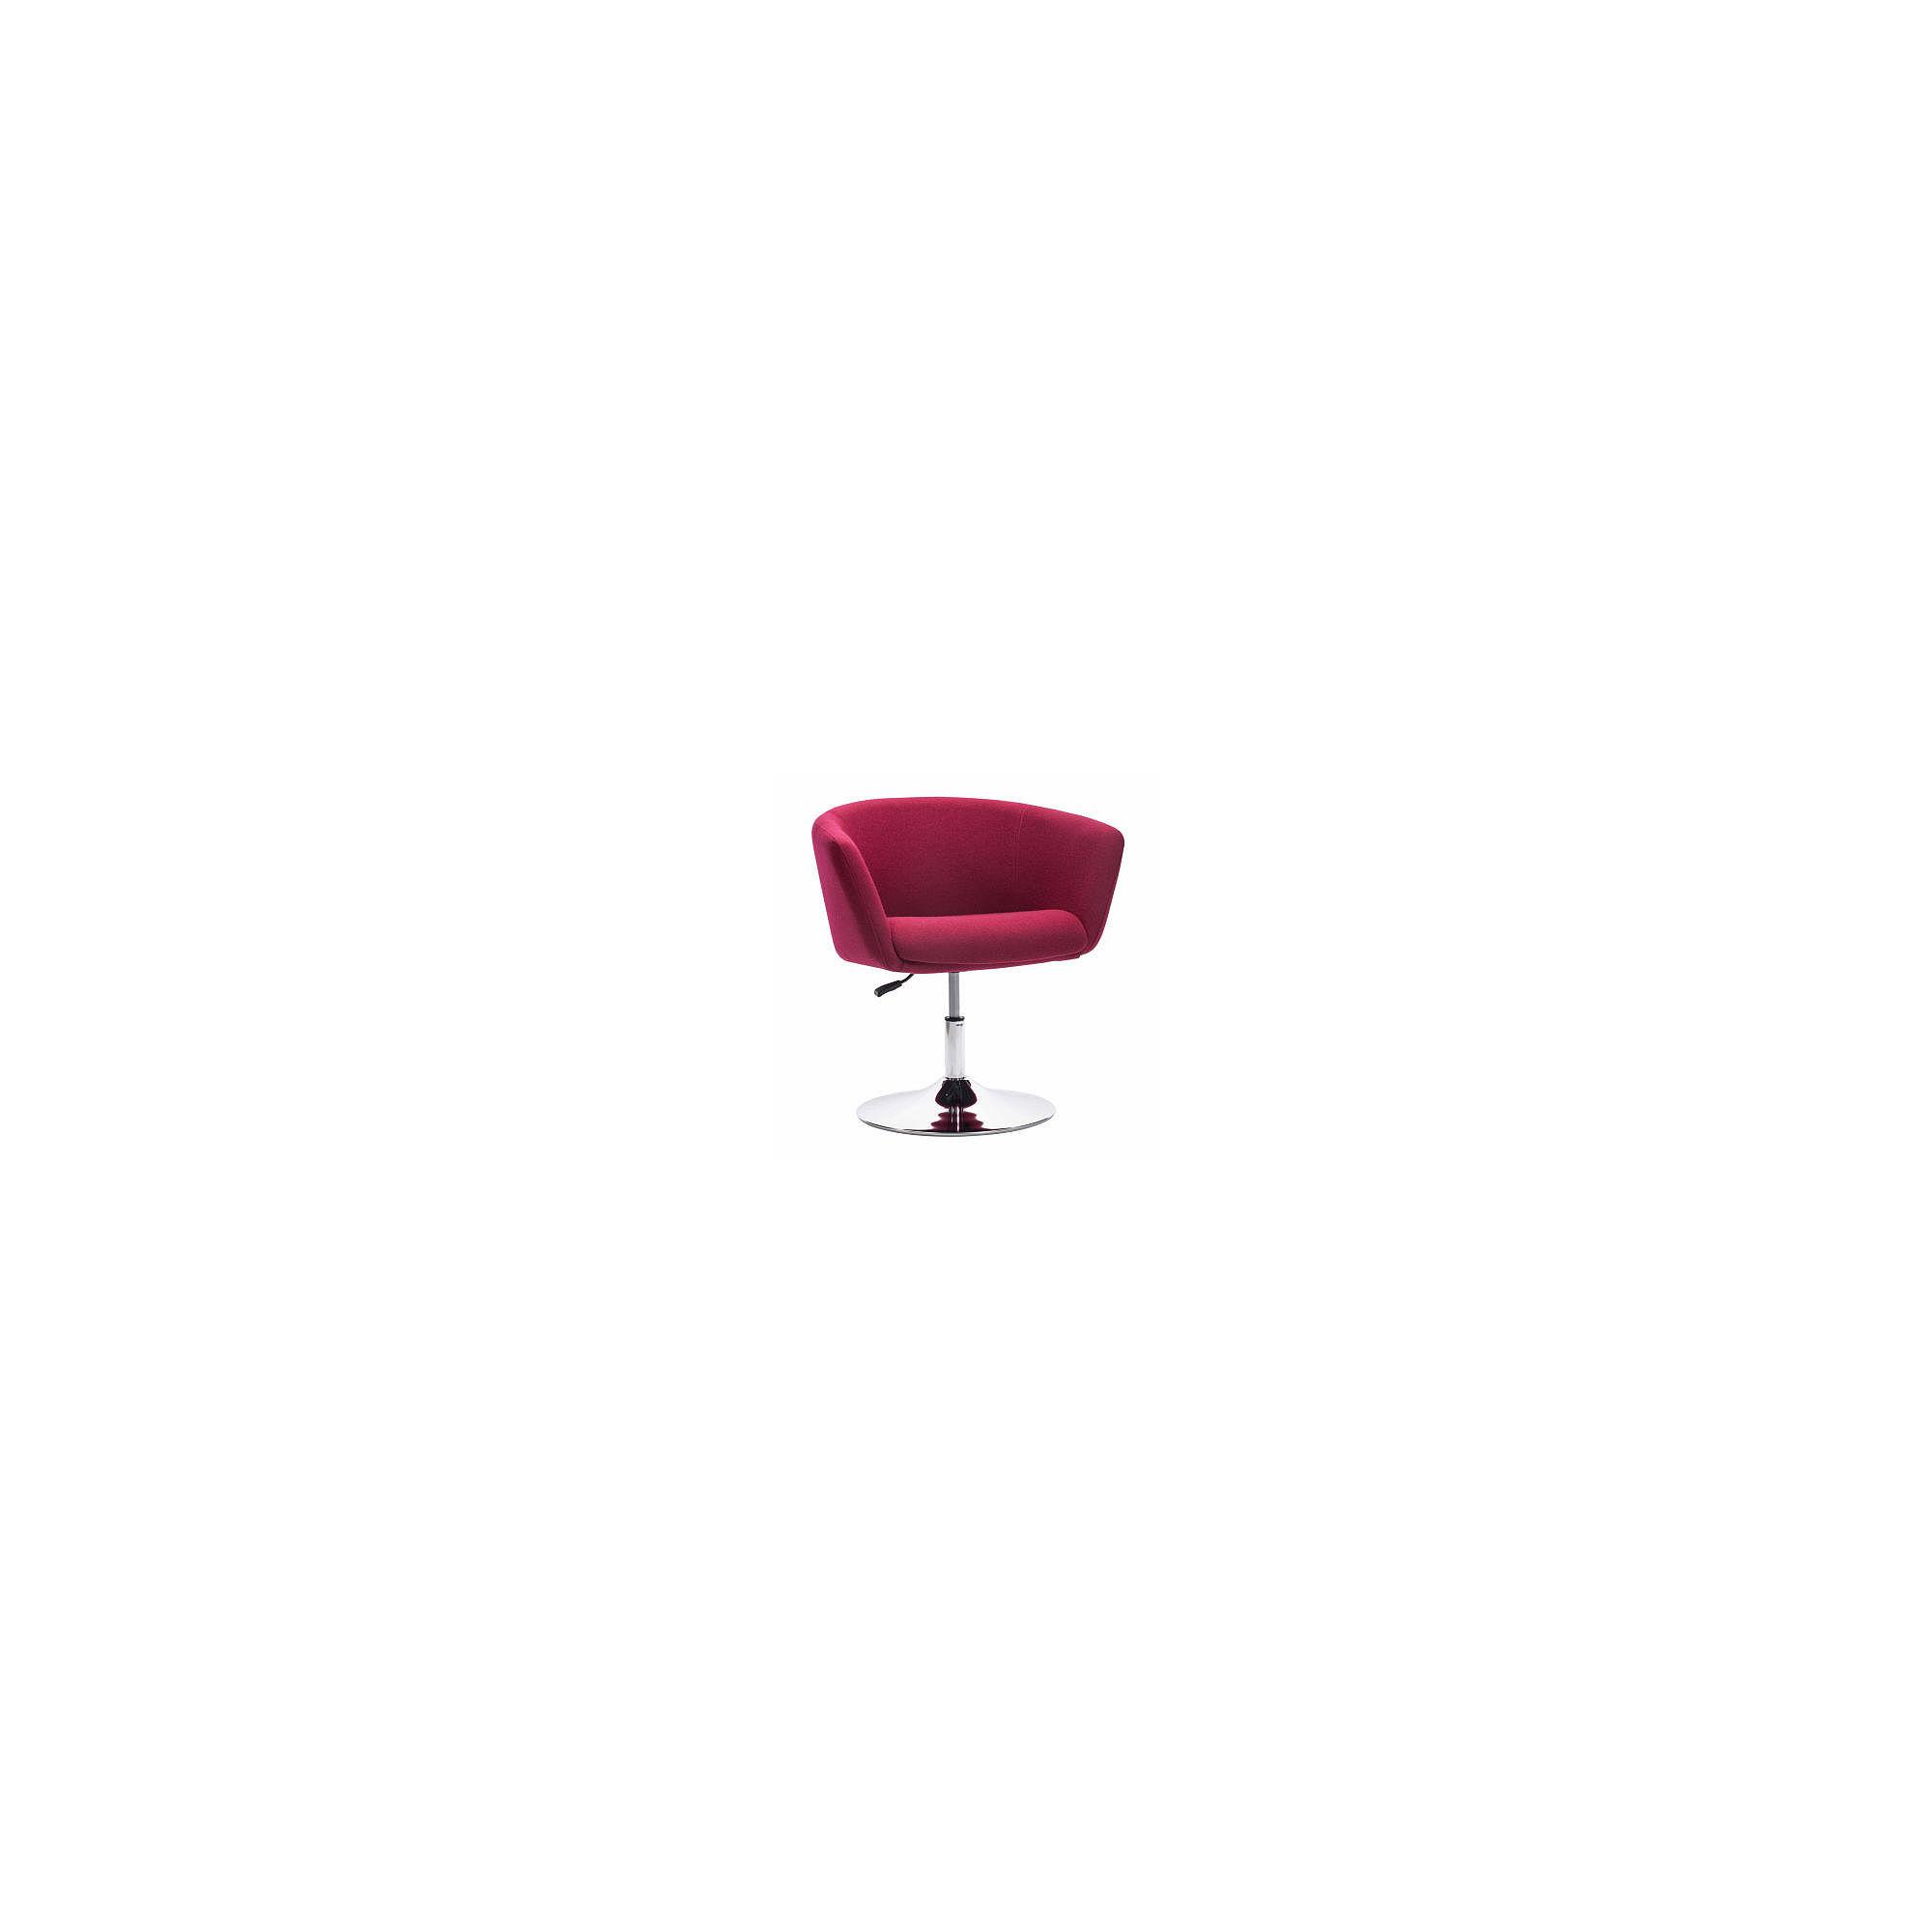 Zuo Modern Umea Barrel Chair